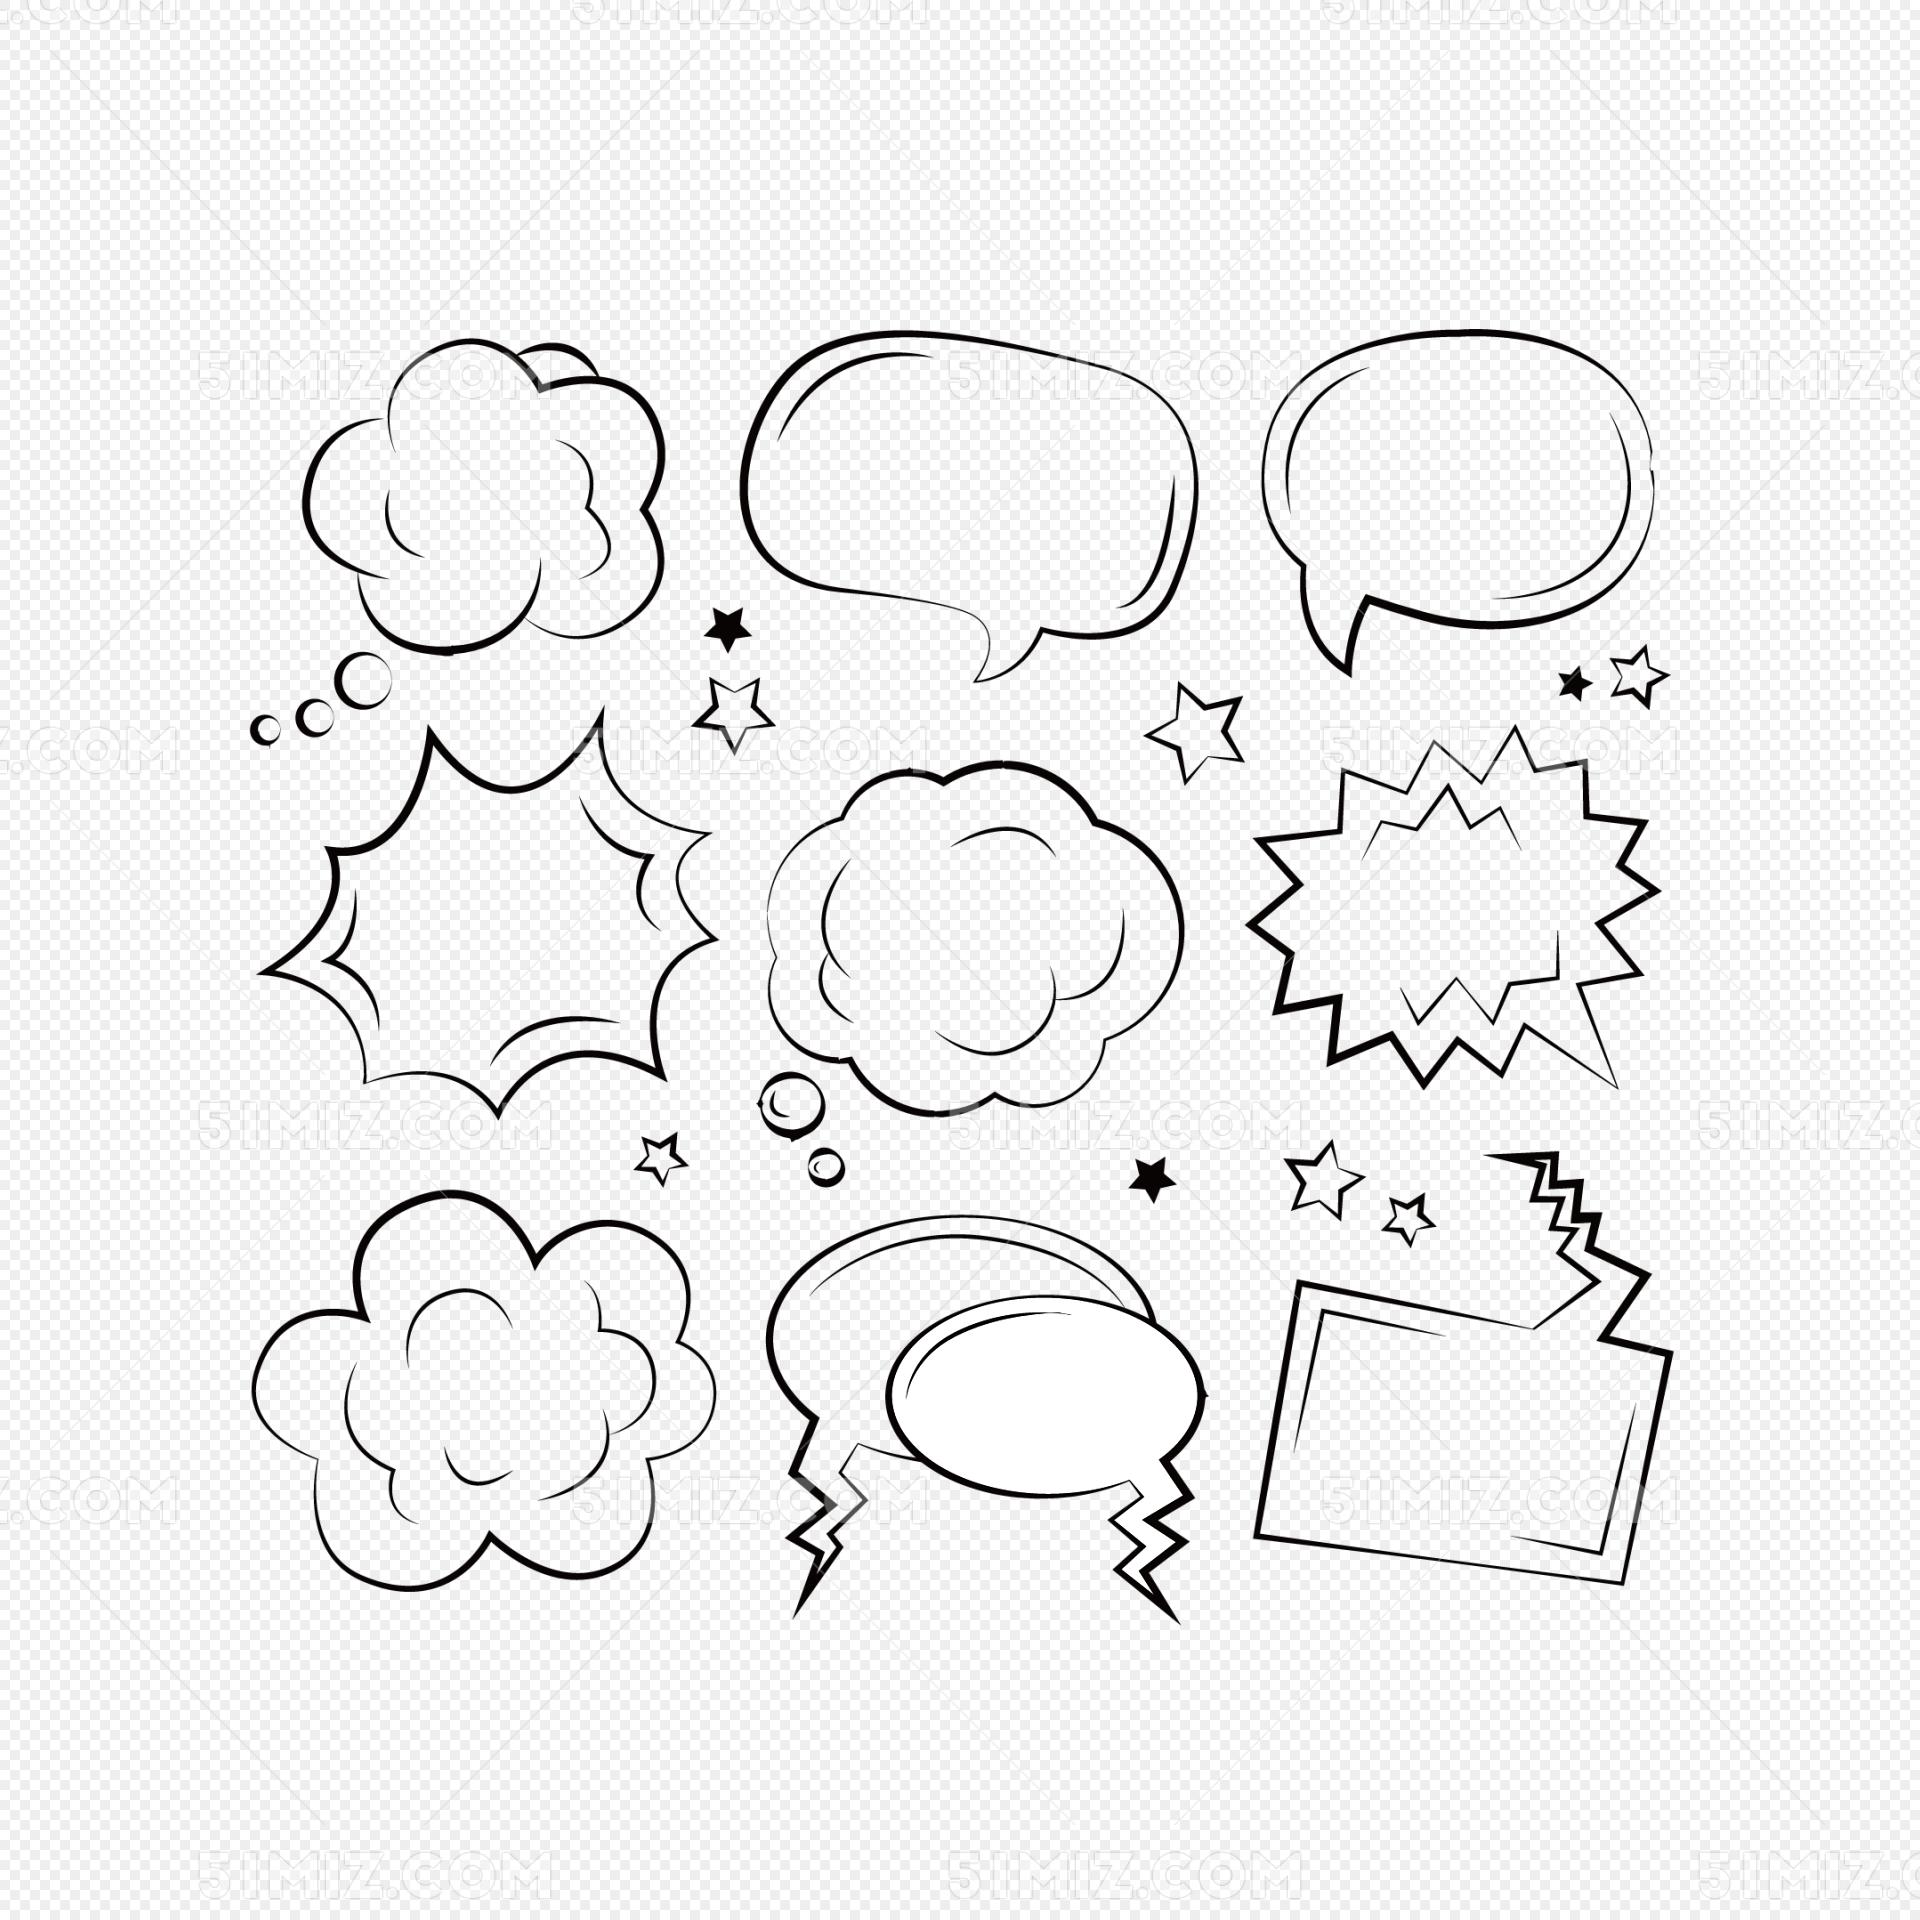 对话框 手绘 矢量图 气泡对话框文本框文字框